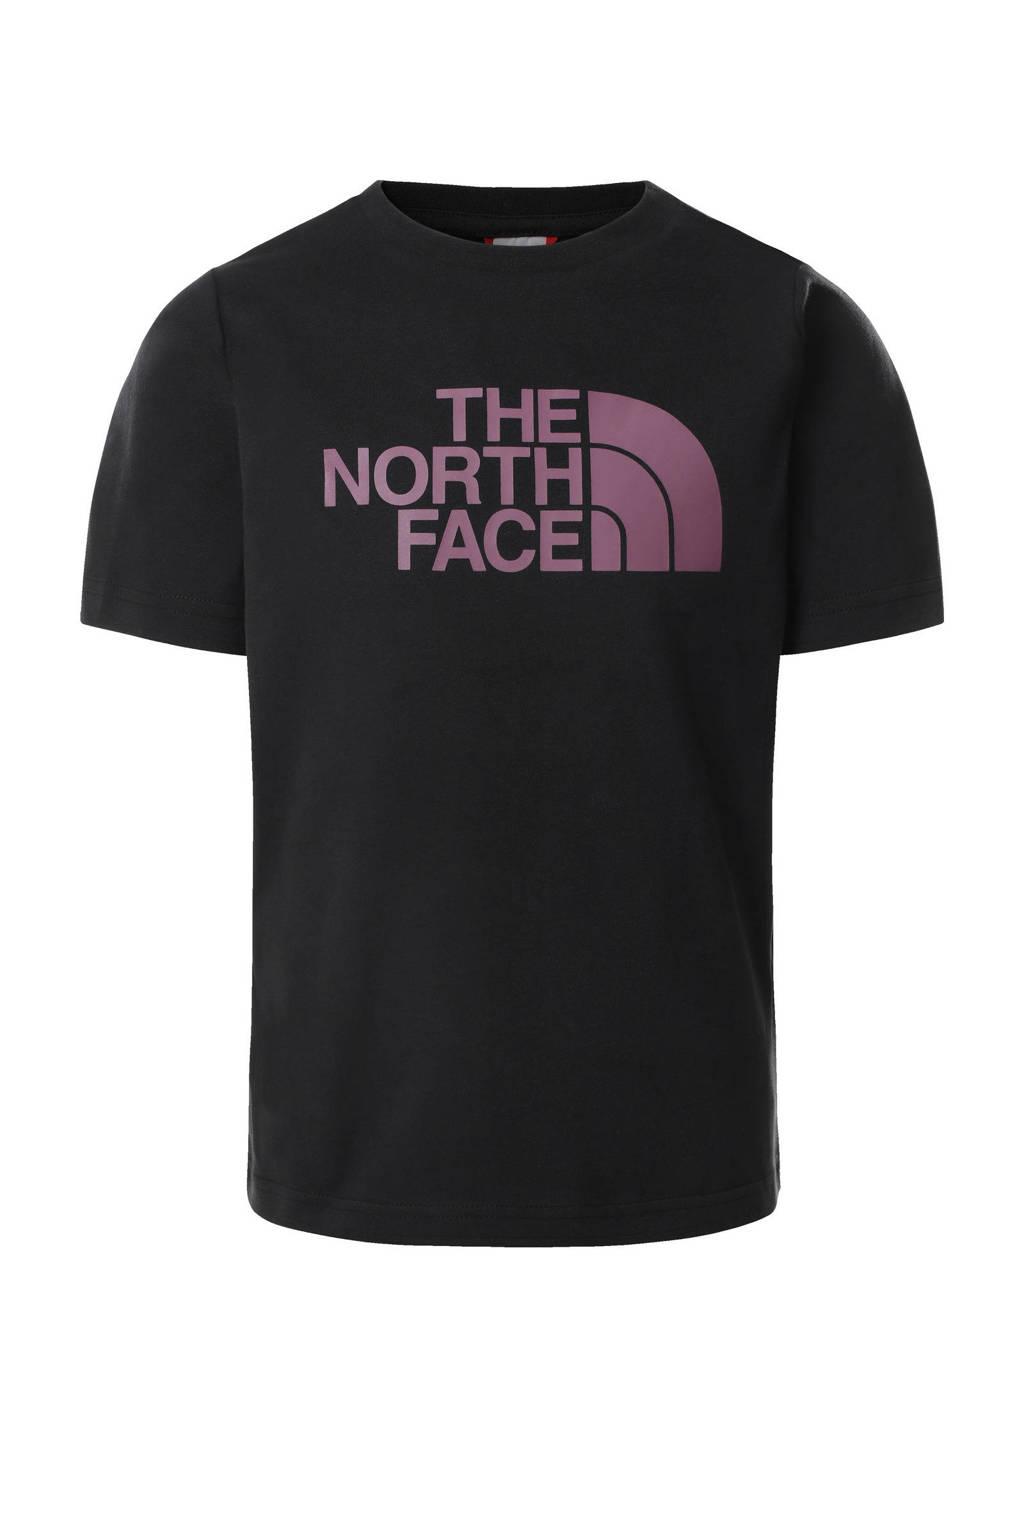 The North Face T-shirt zwart/paars, Zwart/paars